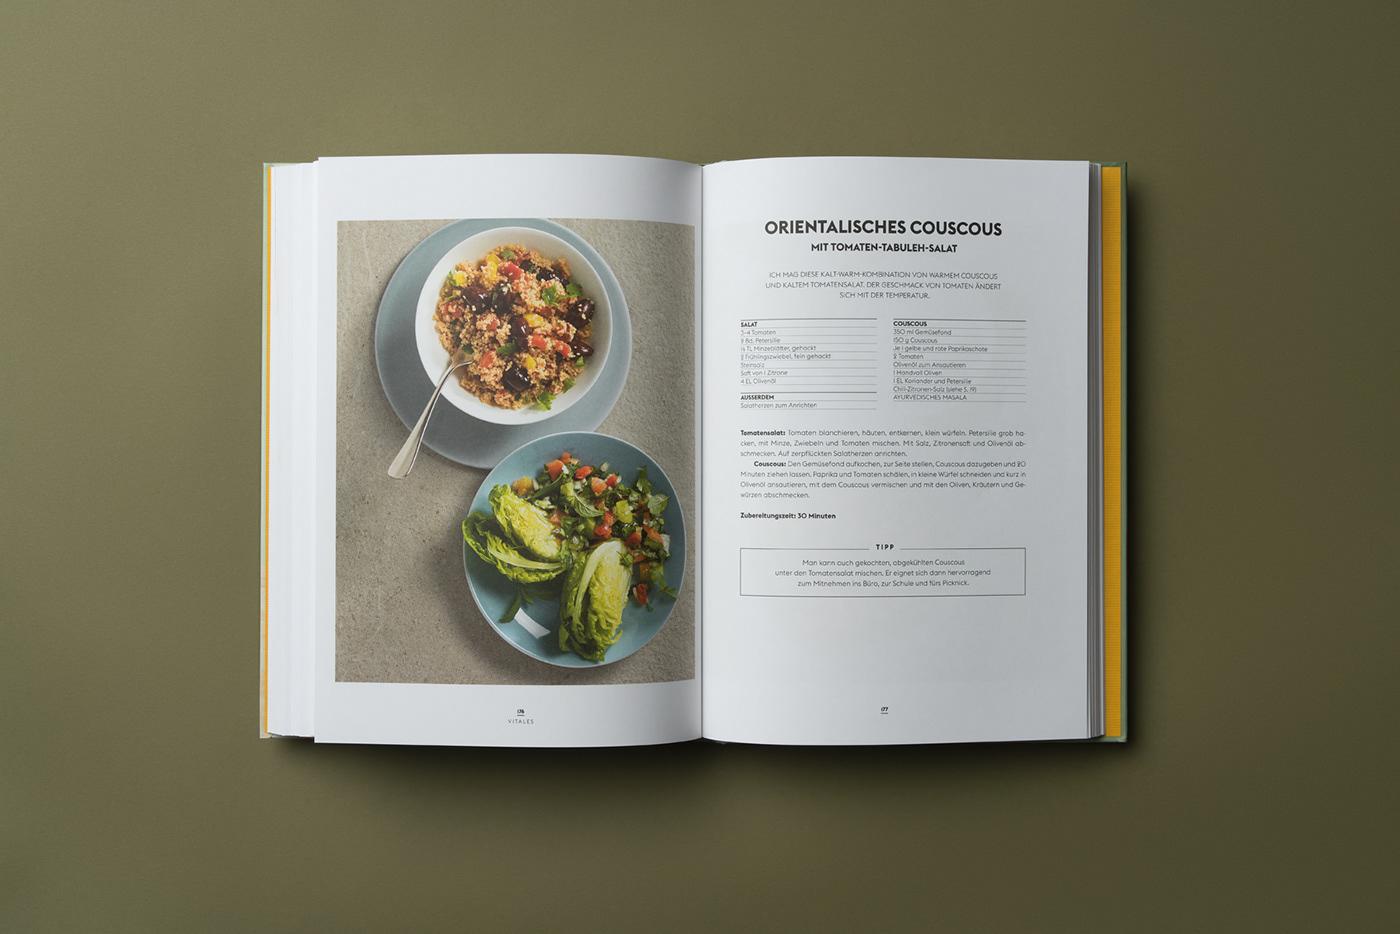 wirsindartisten Bookdesign cookbook cookbookdesign graphicdesign healthyfood recipes